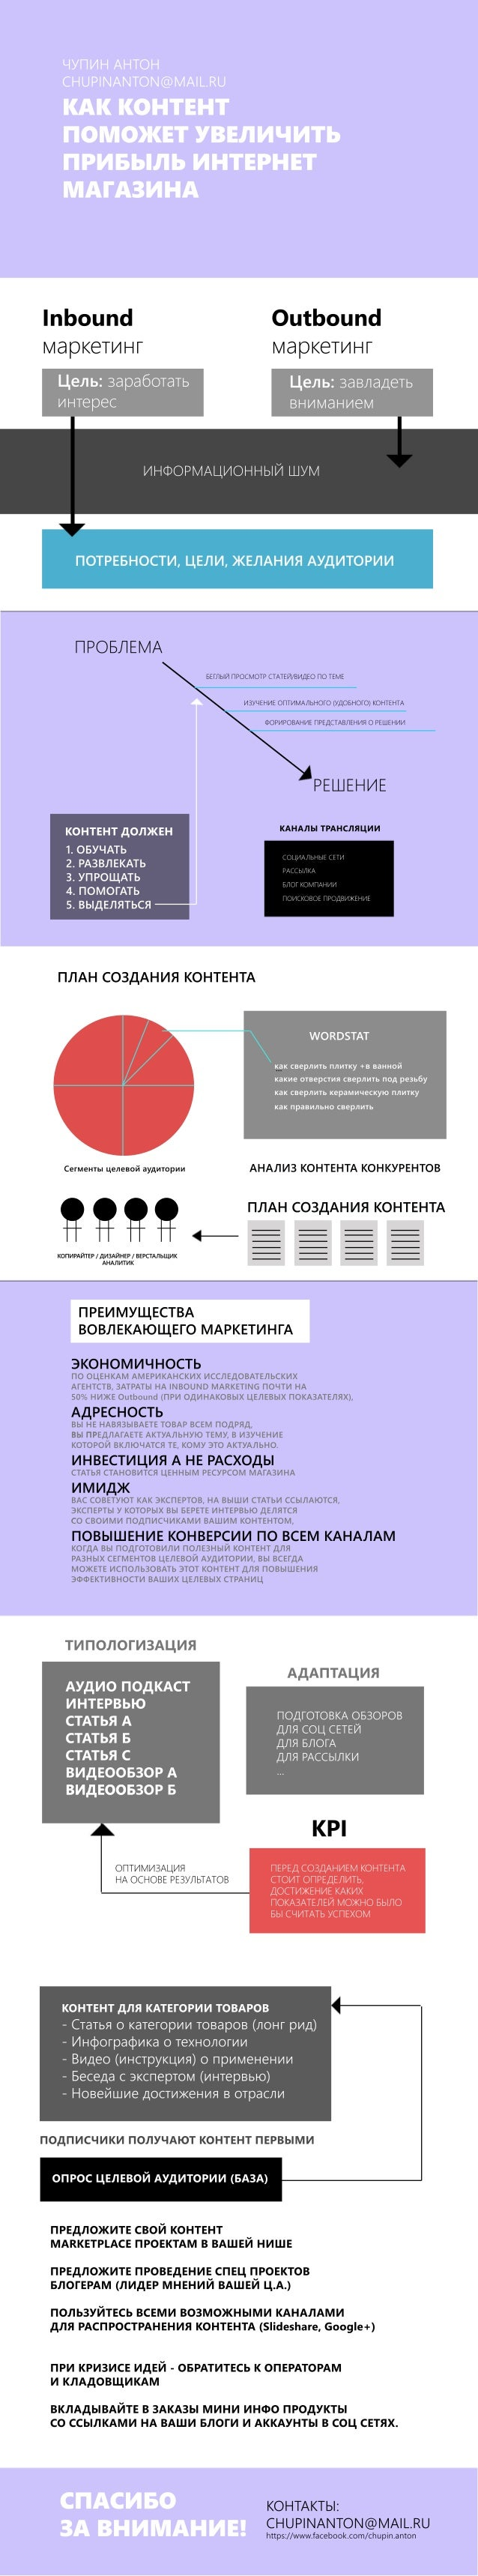 ПОДПИСЧИКИПОЛУЧАЮТКОНТЕНТПЕРВЫМИ ОПРОСЦЕЛЕВОЙАУДИТОРИИ(БАЗА) КОНТЕНТДЛЯКАТЕГОРИИТОВАРОВ -Статьяокатегориитоваров(лонгрид) ...